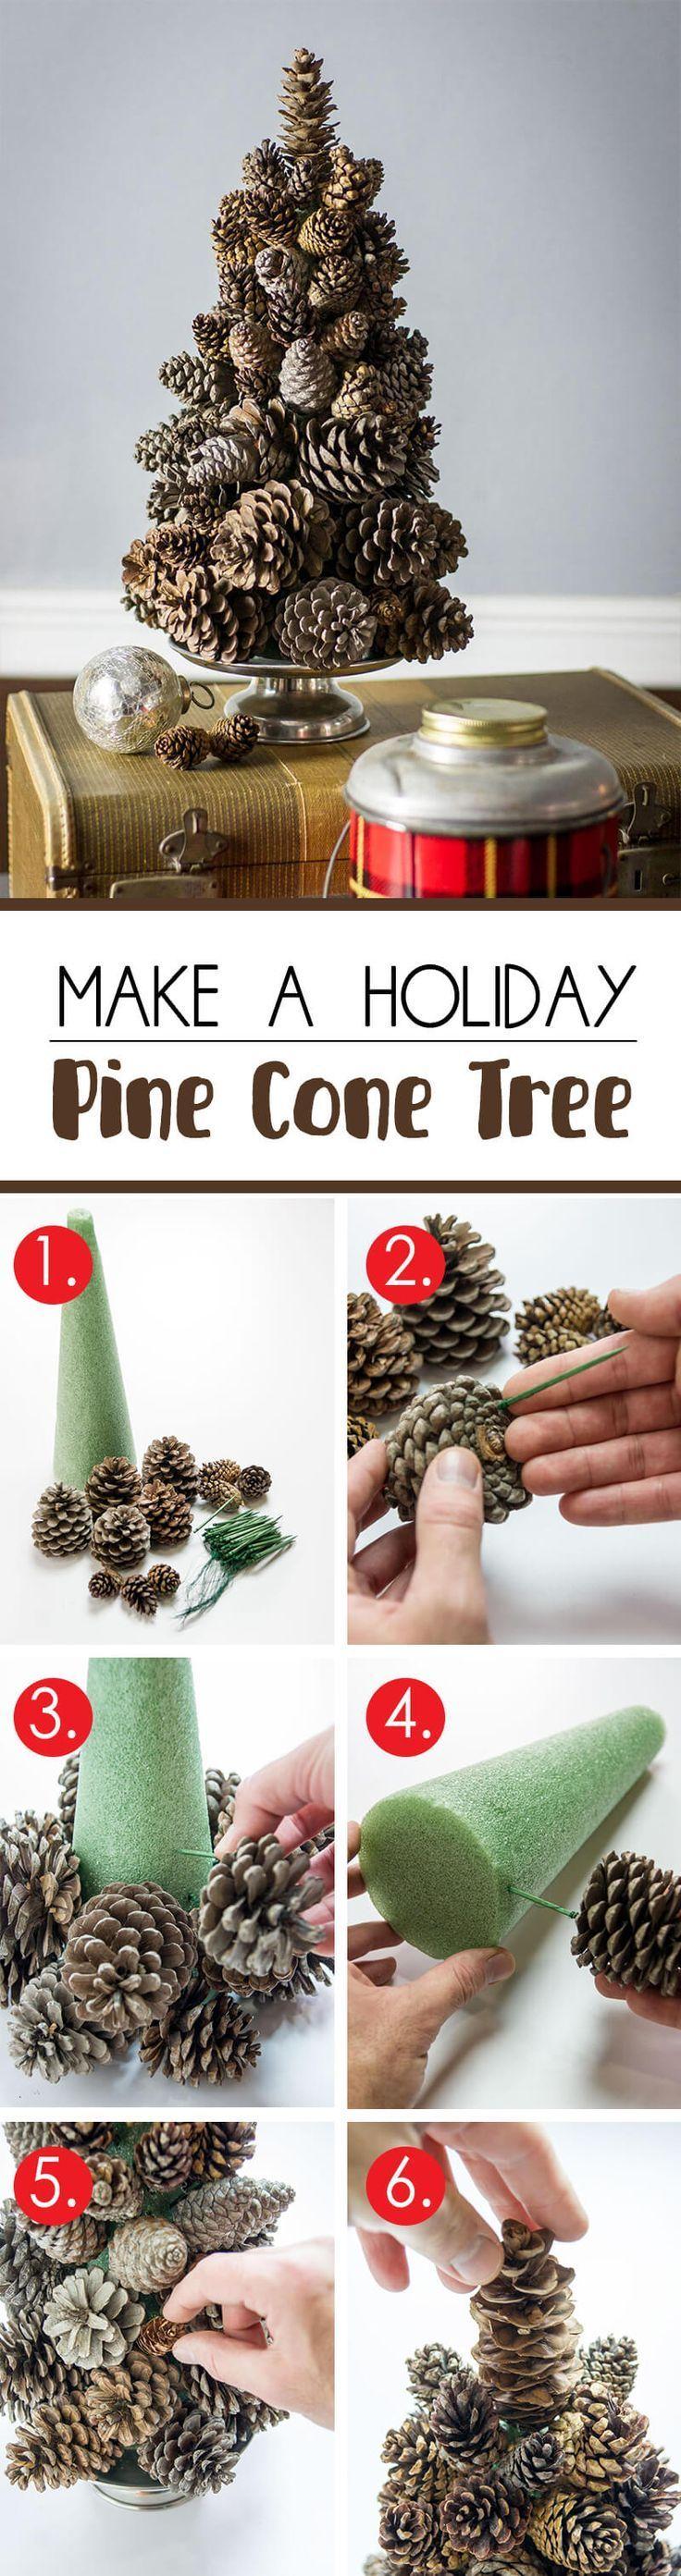 25 schöne DIY Pine Cone Crafts zu genießen, die Feiertagsdekoration zu machen